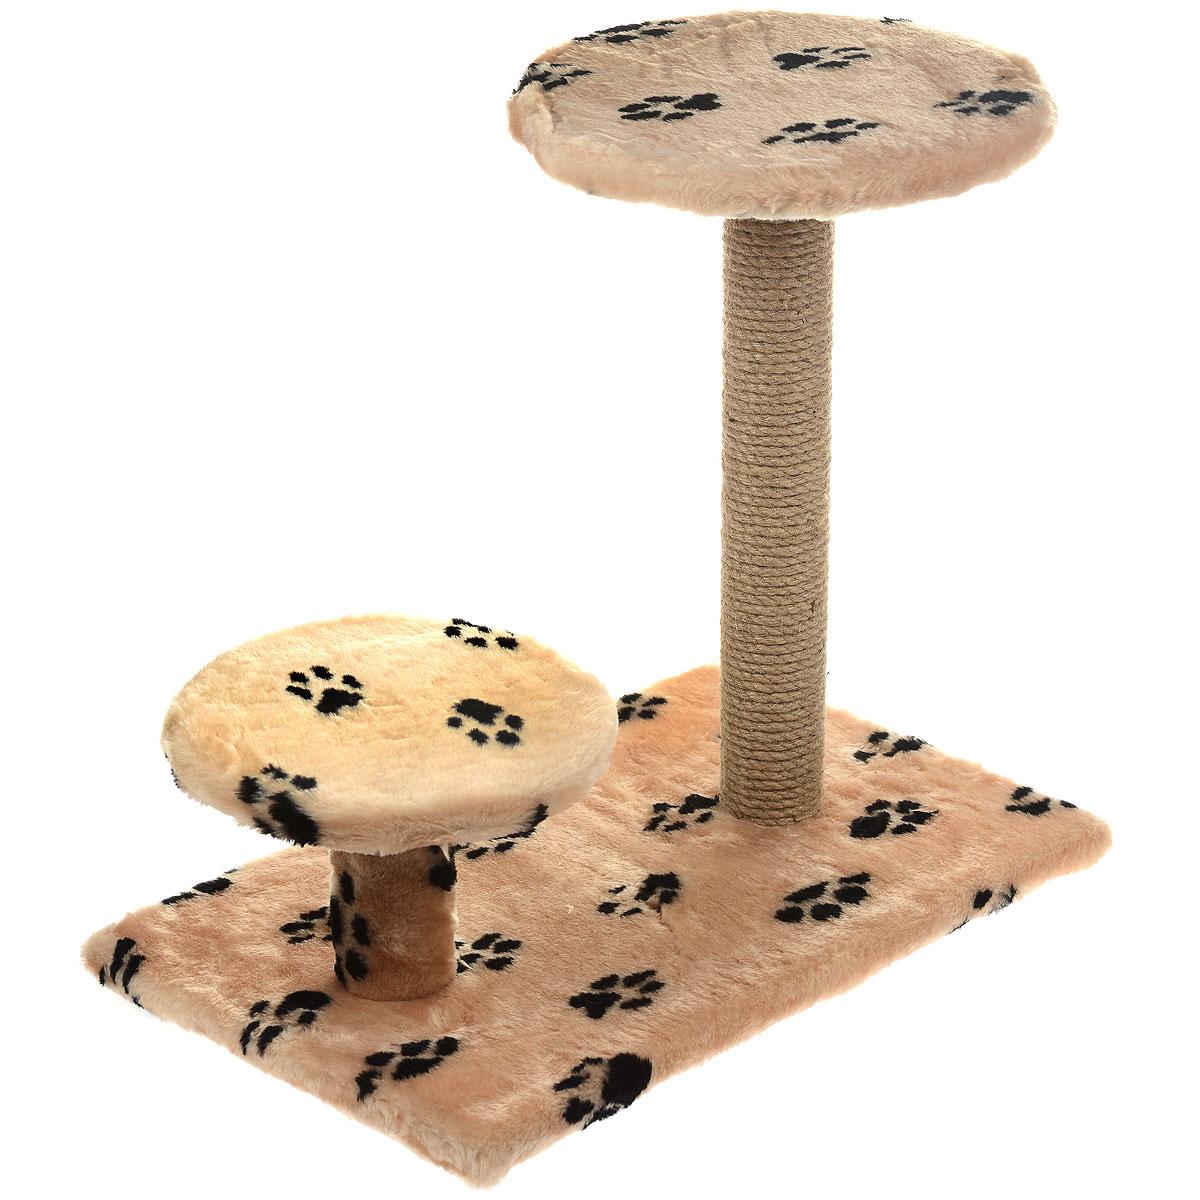 Когтеточка Пушок, с круглой площадкой и ступенькой, цвет: бежевый, 62 х 58 х 38 см4640000931759Когтеточка Пушок поможет сохранить мебель и ковры в доме от когтей вашего любимца, стремящегося удовлетворить свою естественную потребность точить когти. Когтеточка изготовлена из джута, прямоугольное основание выполнено из ДСП и обтянуто искусственным мехом. Изделие оснащено круглой площадкой и ступенькой. Товар продуман в мельчайших деталях и, несомненно, понравится вашей кошке. Всем кошкам необходимо стачивать когти. Когтеточка - один из самых необходимых аксессуаров для кошки. Для приучения к когтеточке можно натереть ее сухой валерьянкой или кошачьей мятой. Когтеточка поможет вашему любимцу стачивать когти и при этом не портить вашу мебель.